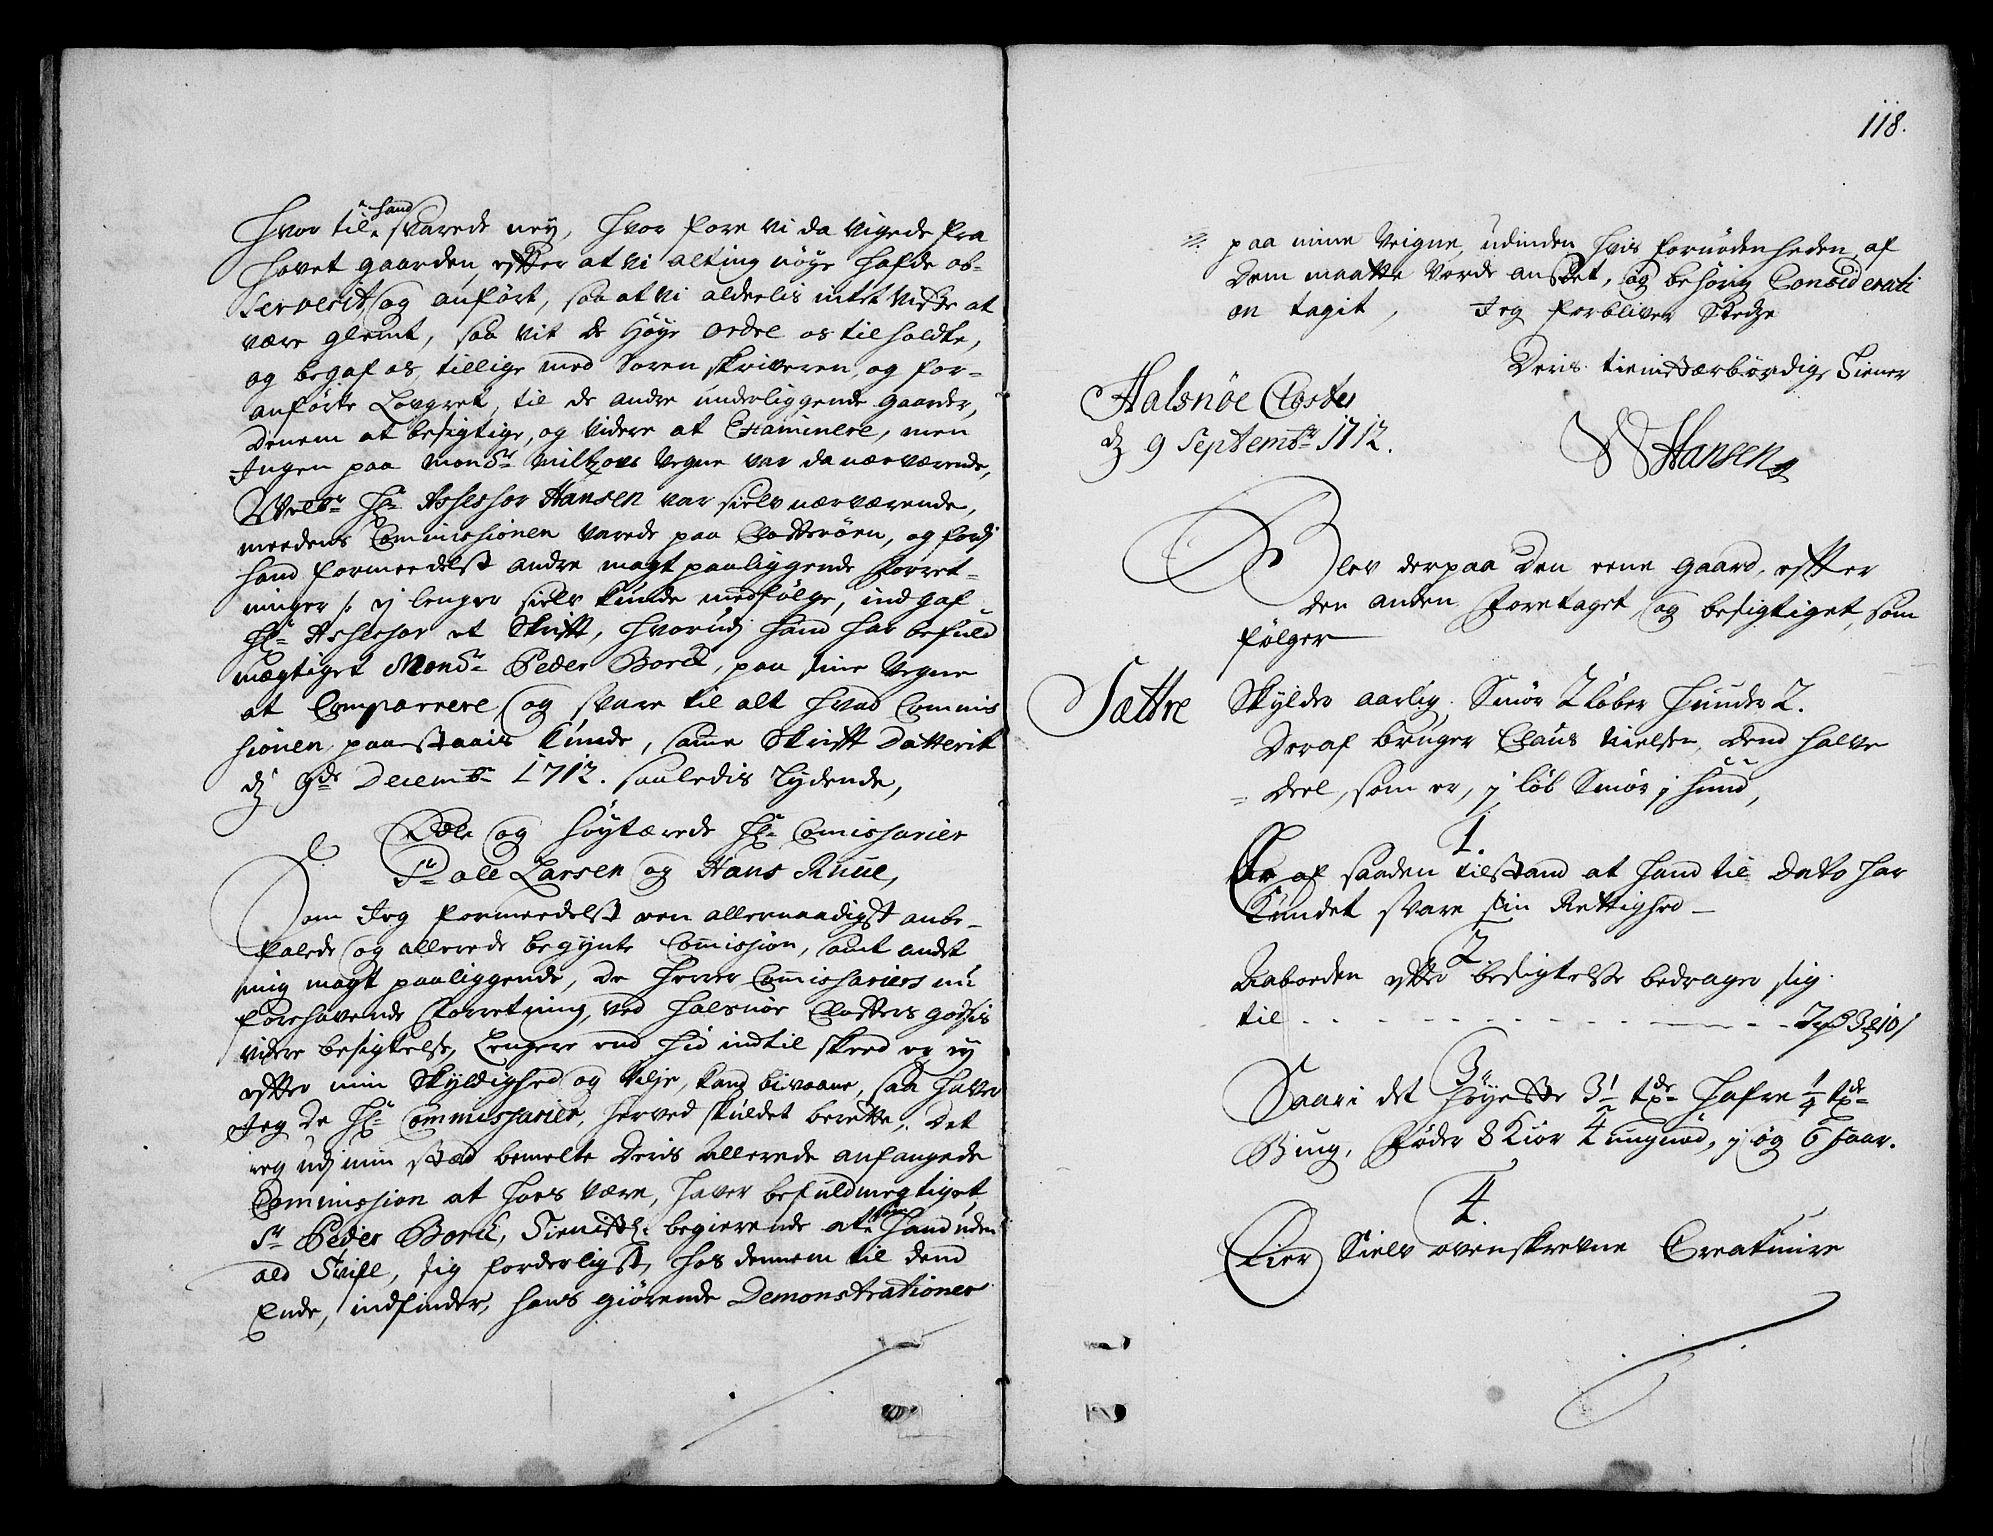 RA, Rentekammeret inntil 1814, Realistisk ordnet avdeling, On/L0003: [Jj 4]: Kommisjonsforretning over Vilhelm Hanssøns forpaktning av Halsnøy klosters gods, 1712-1722, s. 117b-118a